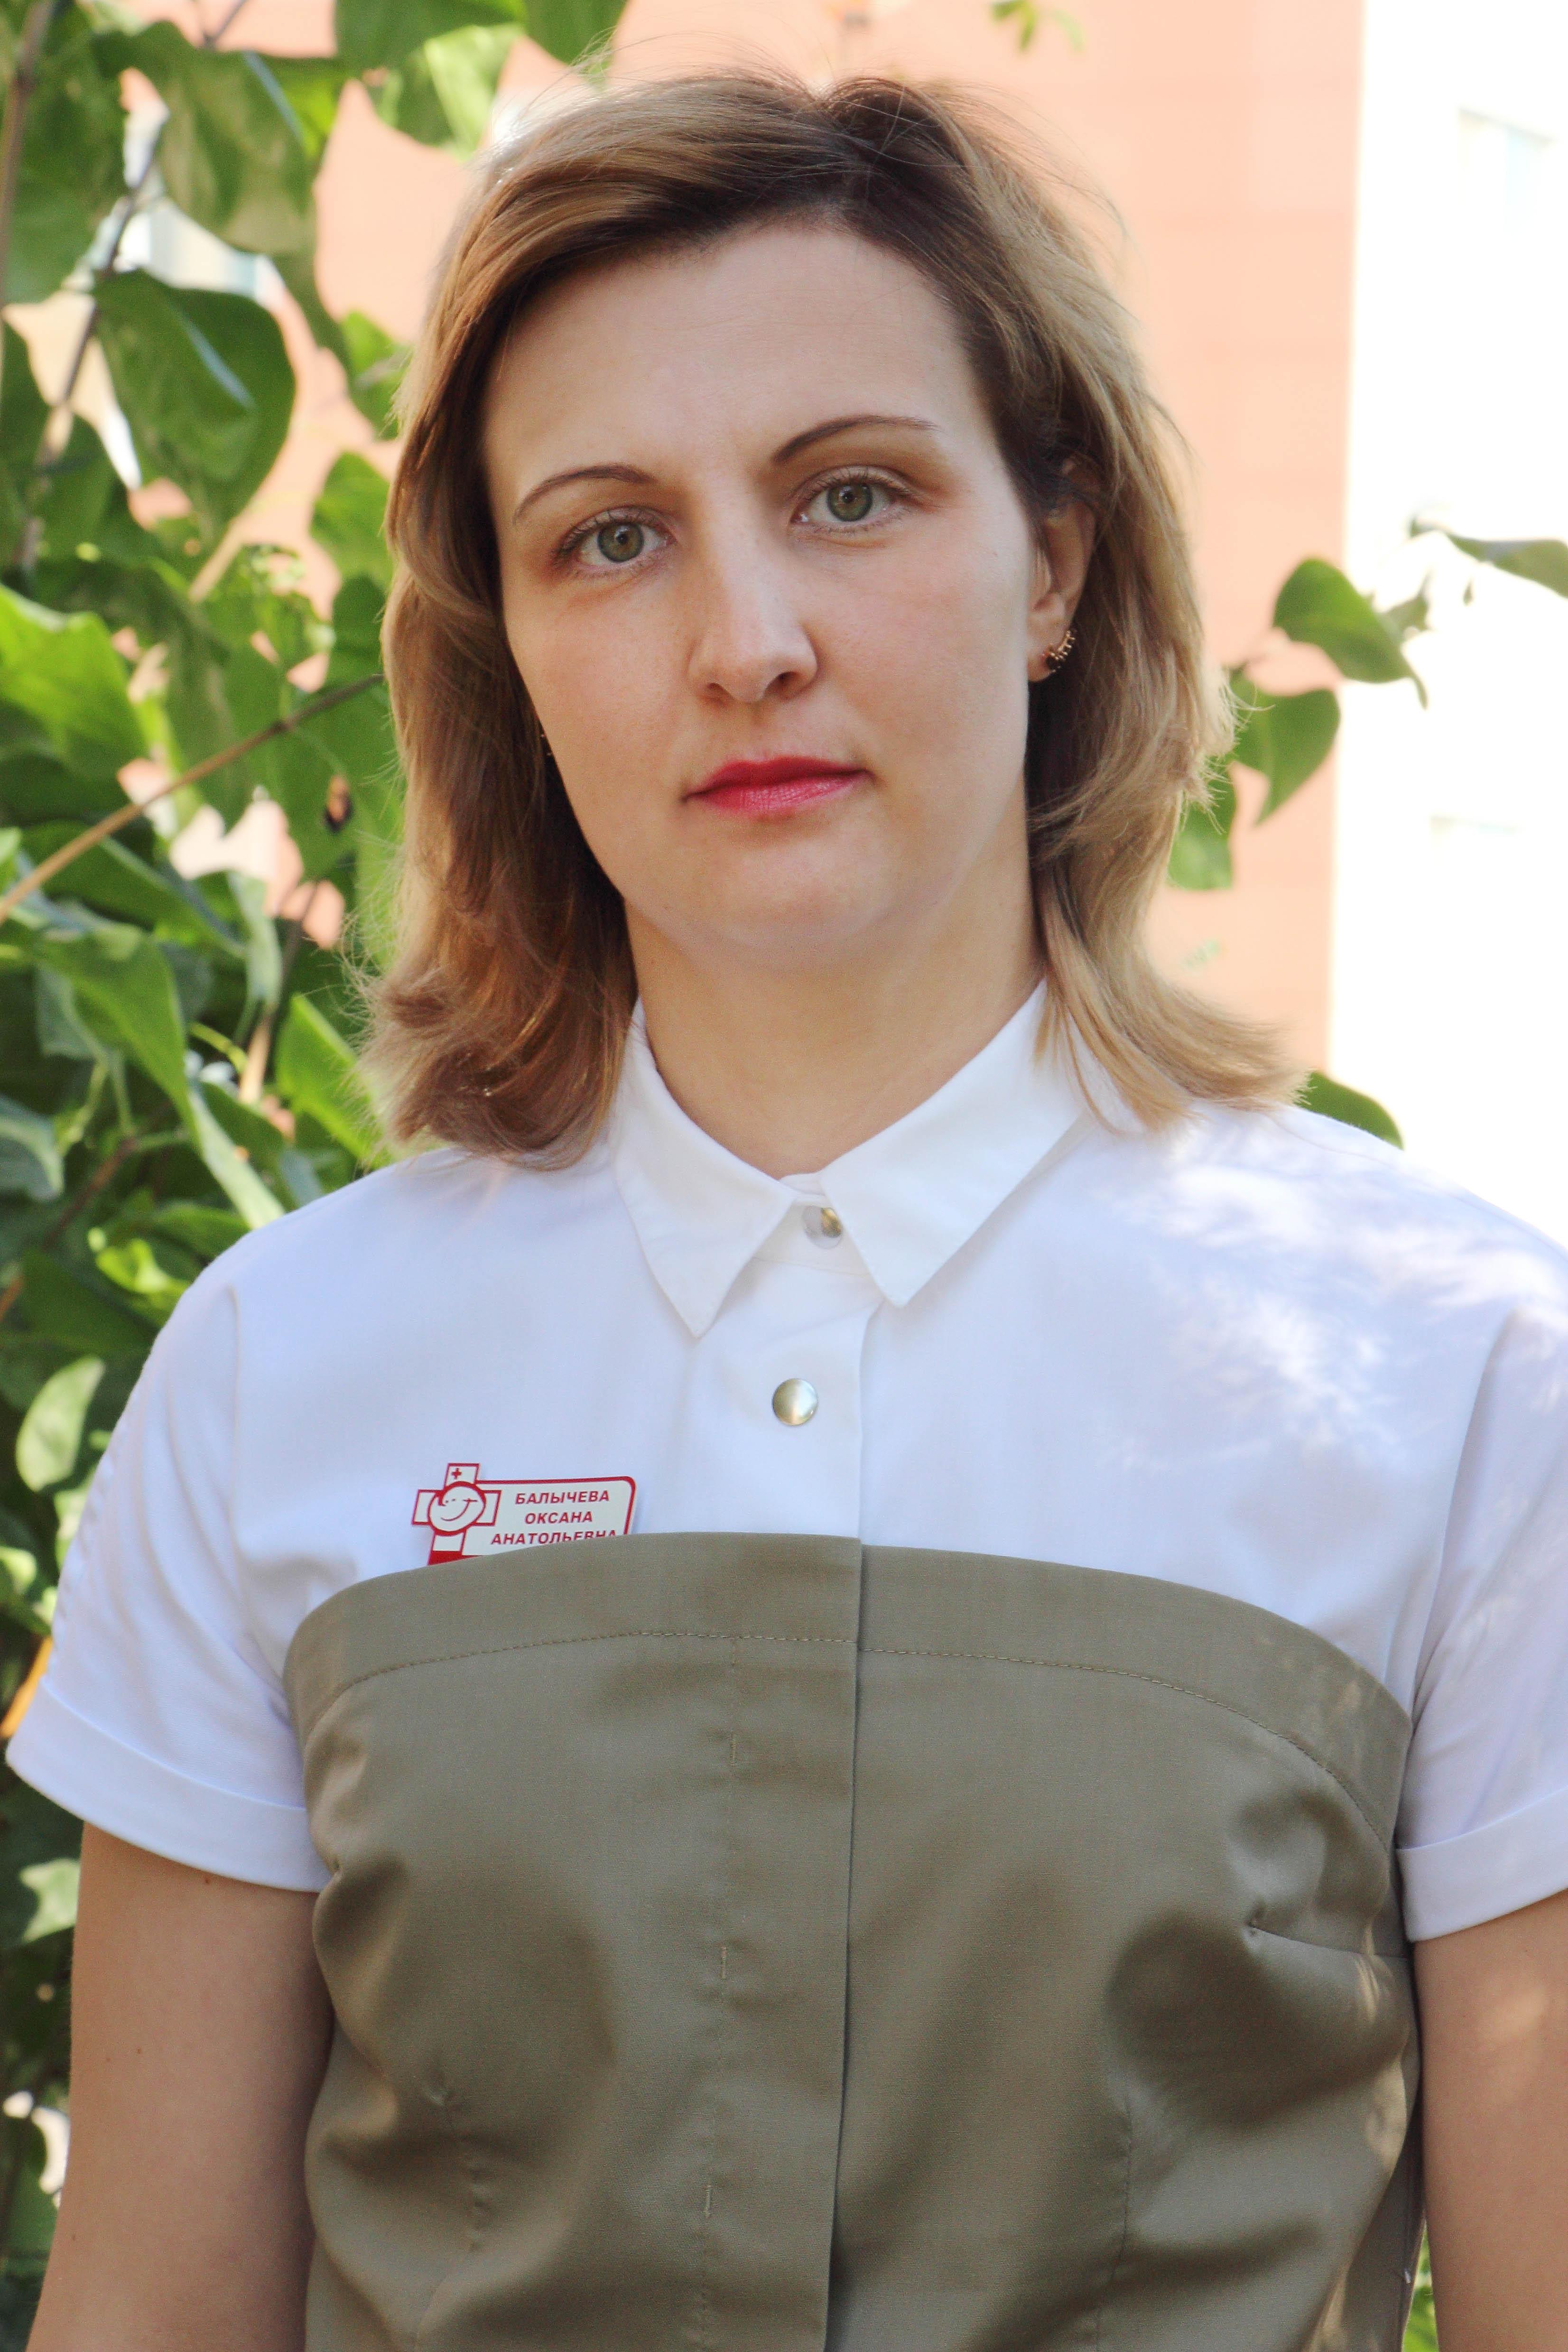 Балычева Оксана Анатольeвна